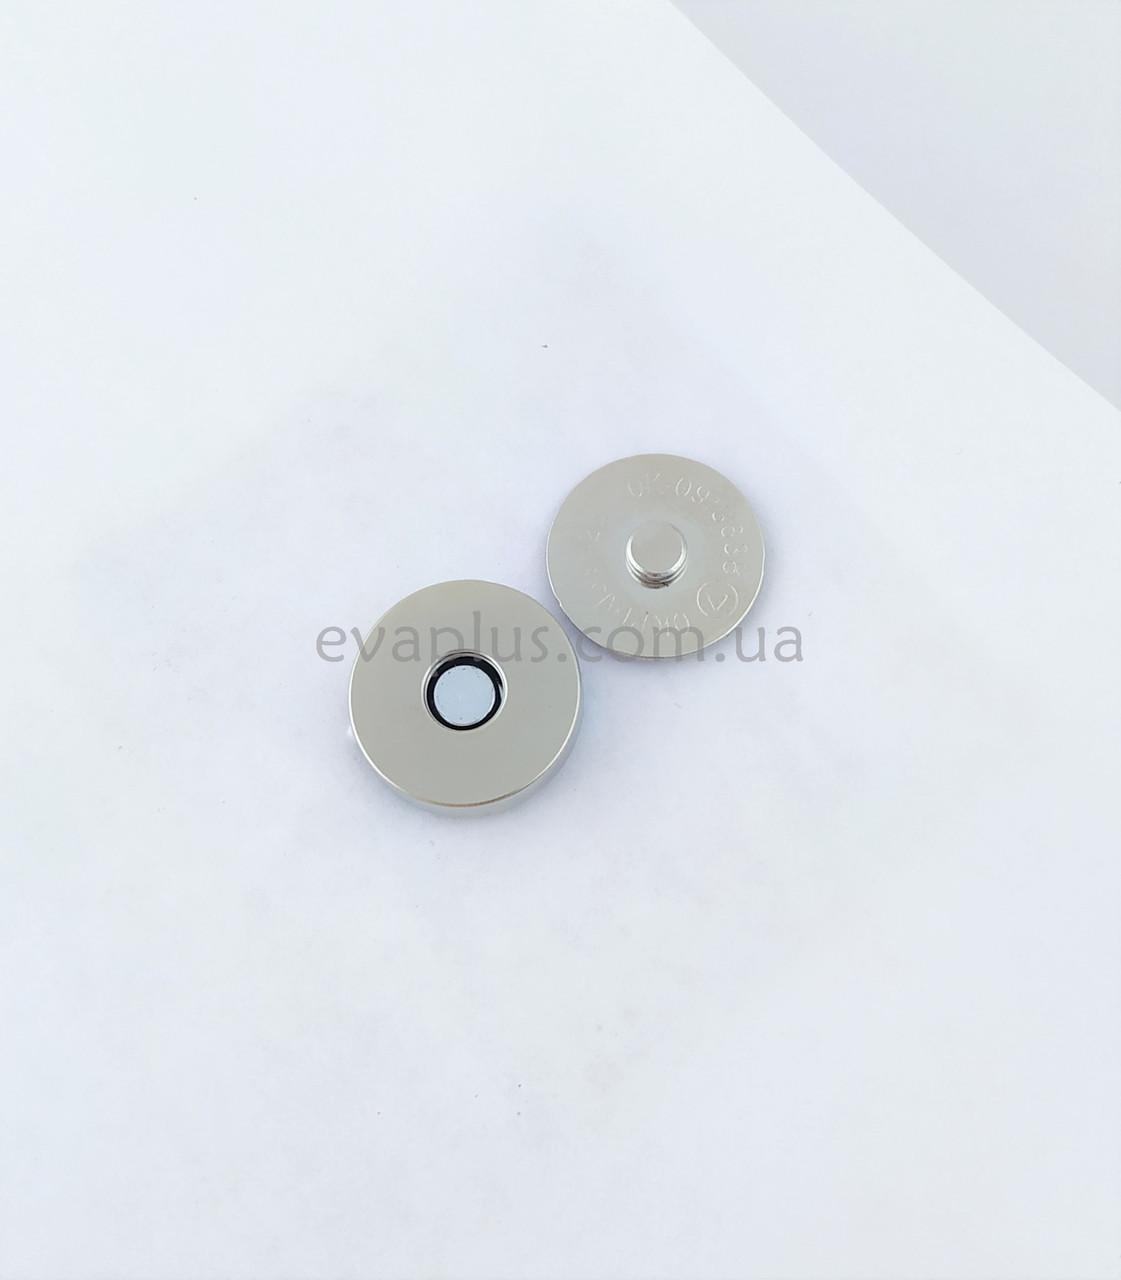 Магнитная кнопка для сумки Т5108 никель